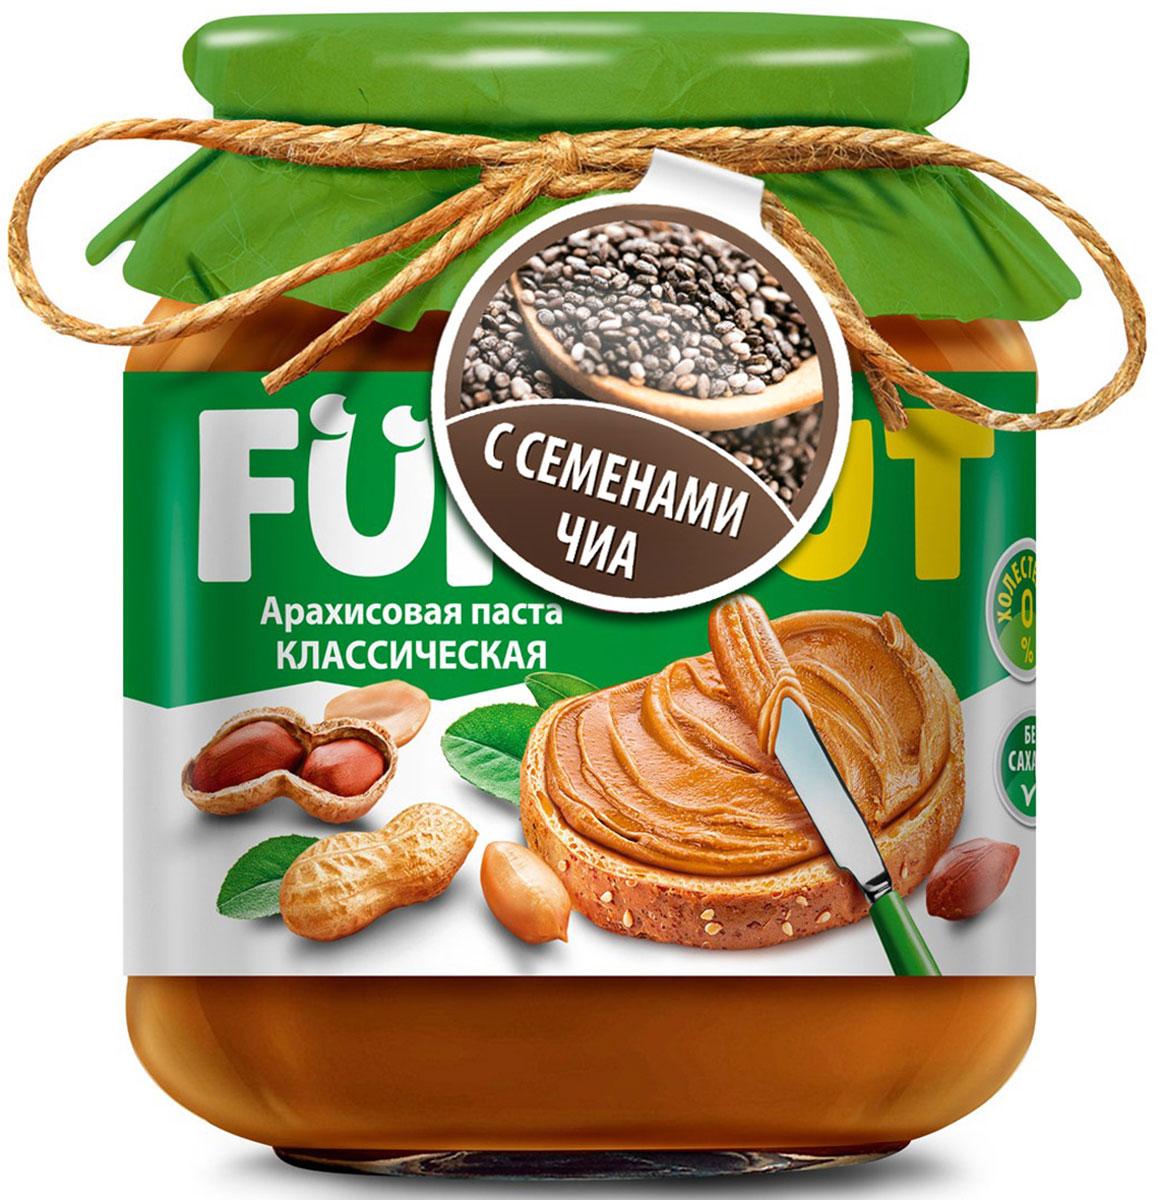 Funnat Арахисовая паста классическая с добавлением чиа, 340 г weider протеиновая паста шоколадно ореховая 250 г